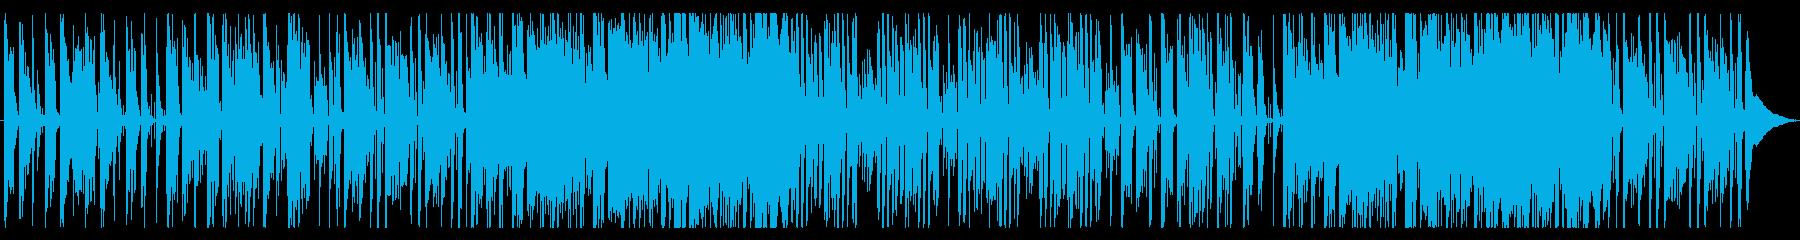 森や小動物を思わせる、ほのぼのとした曲の再生済みの波形